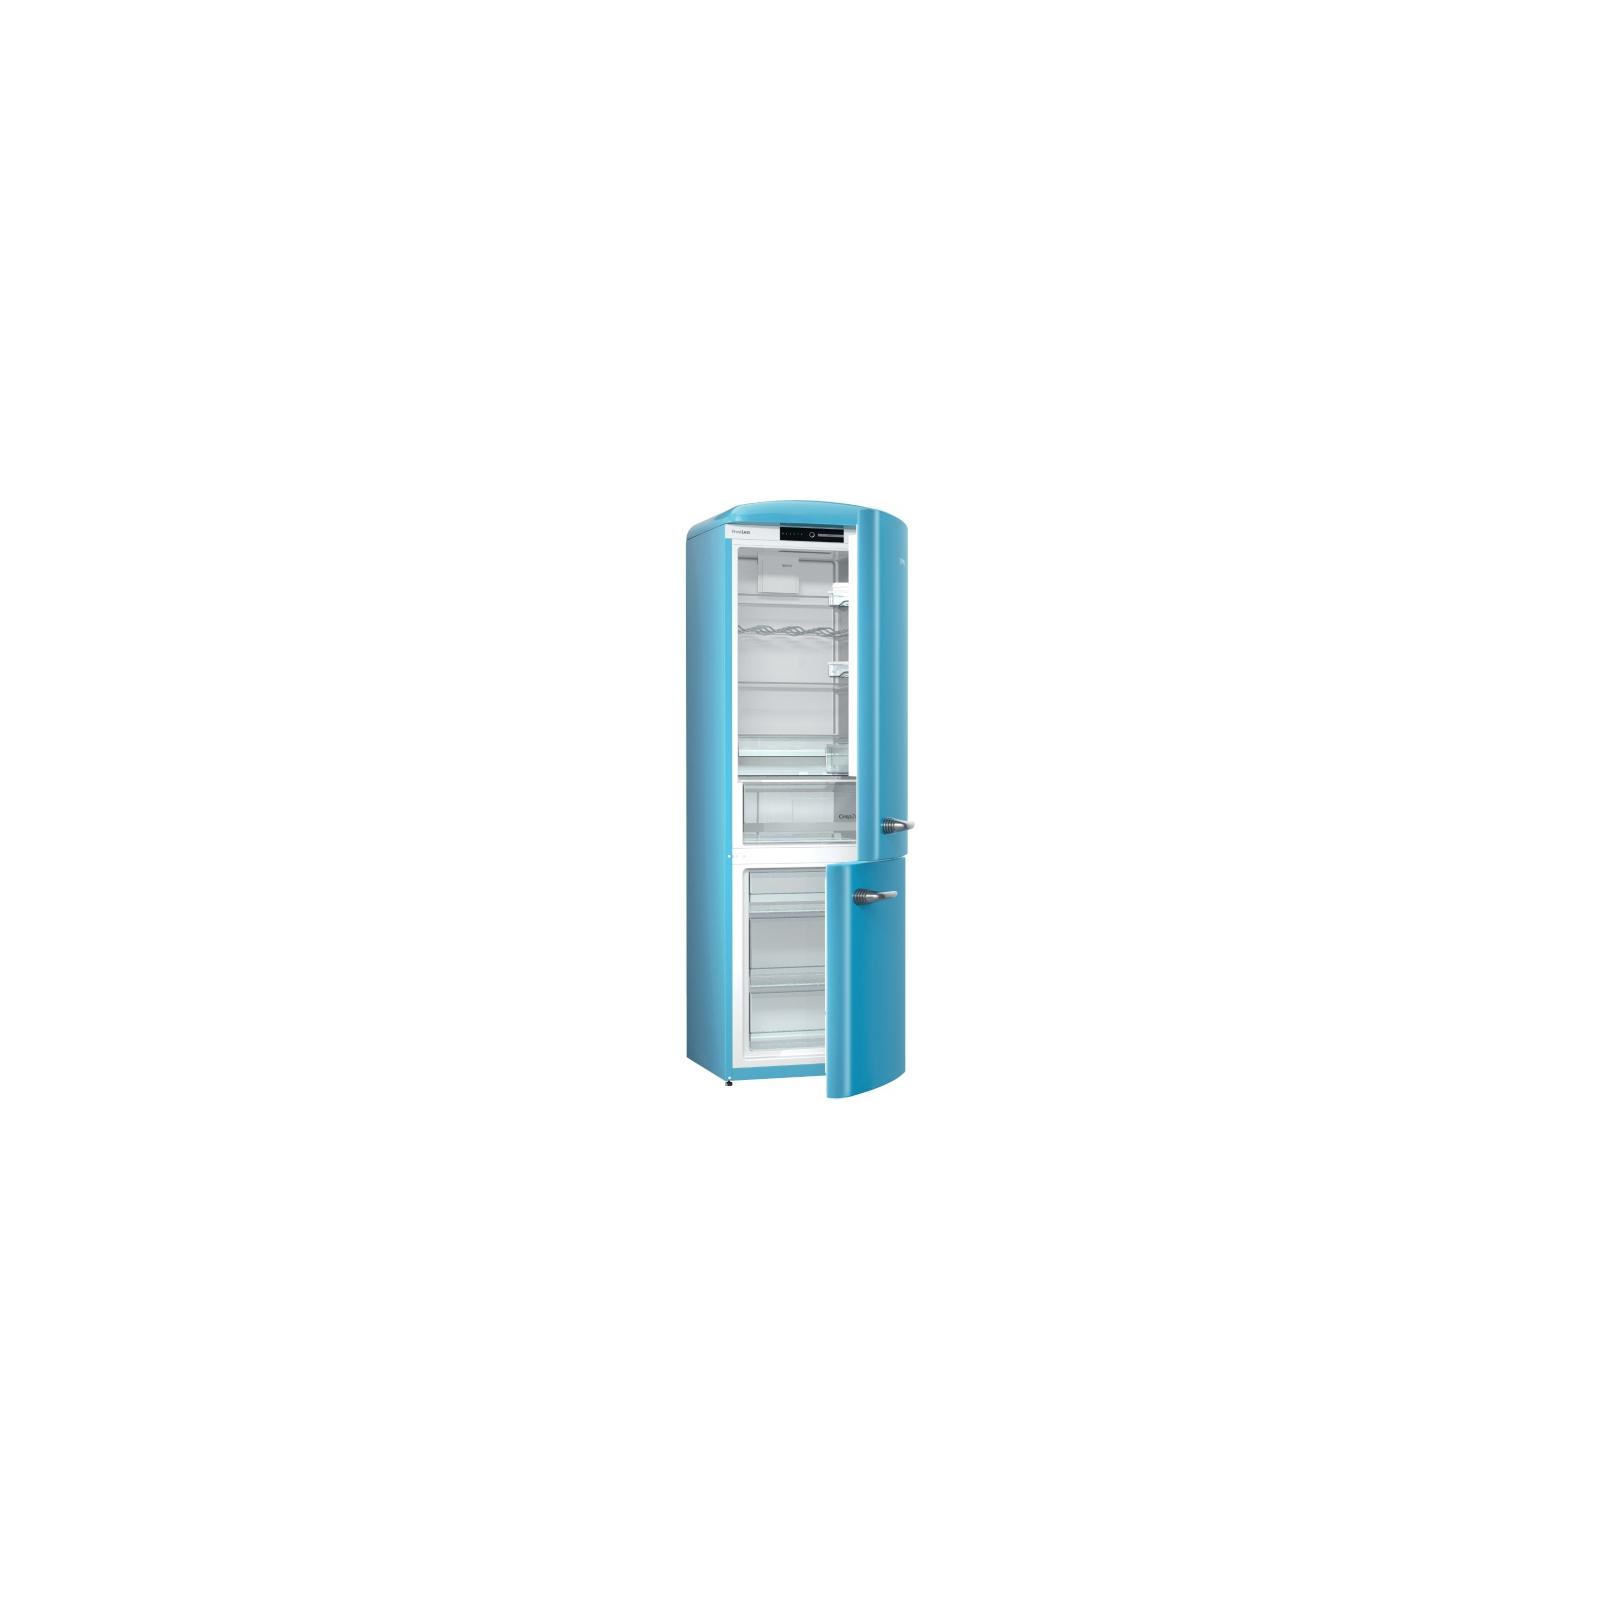 Холодильник Gorenje ORK192BL изображение 2